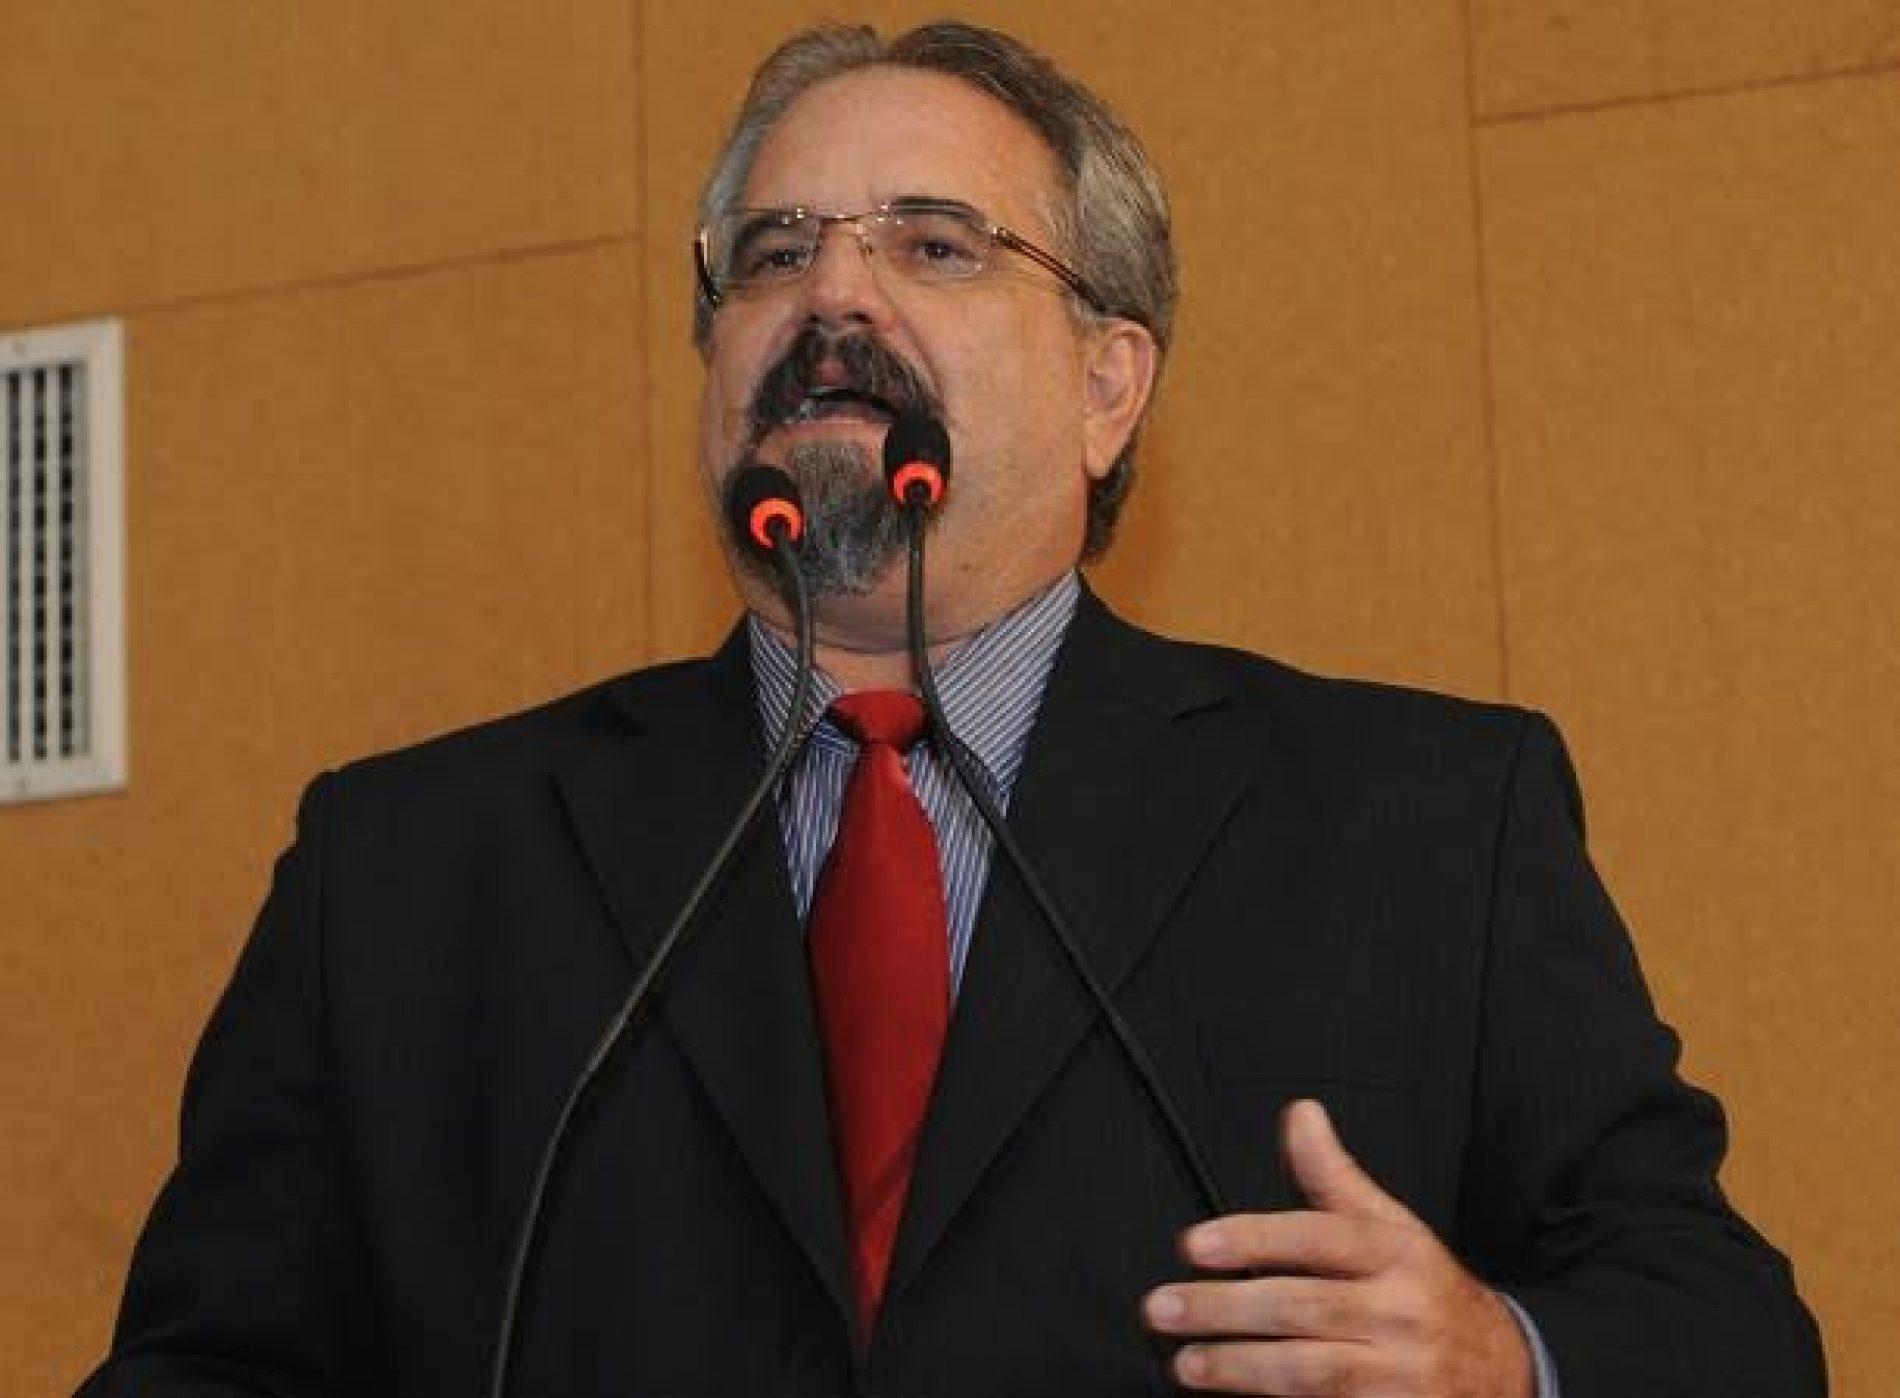 Galo elogia iniciativa da UFRB em entregar título de doutor honoris causa a Lula